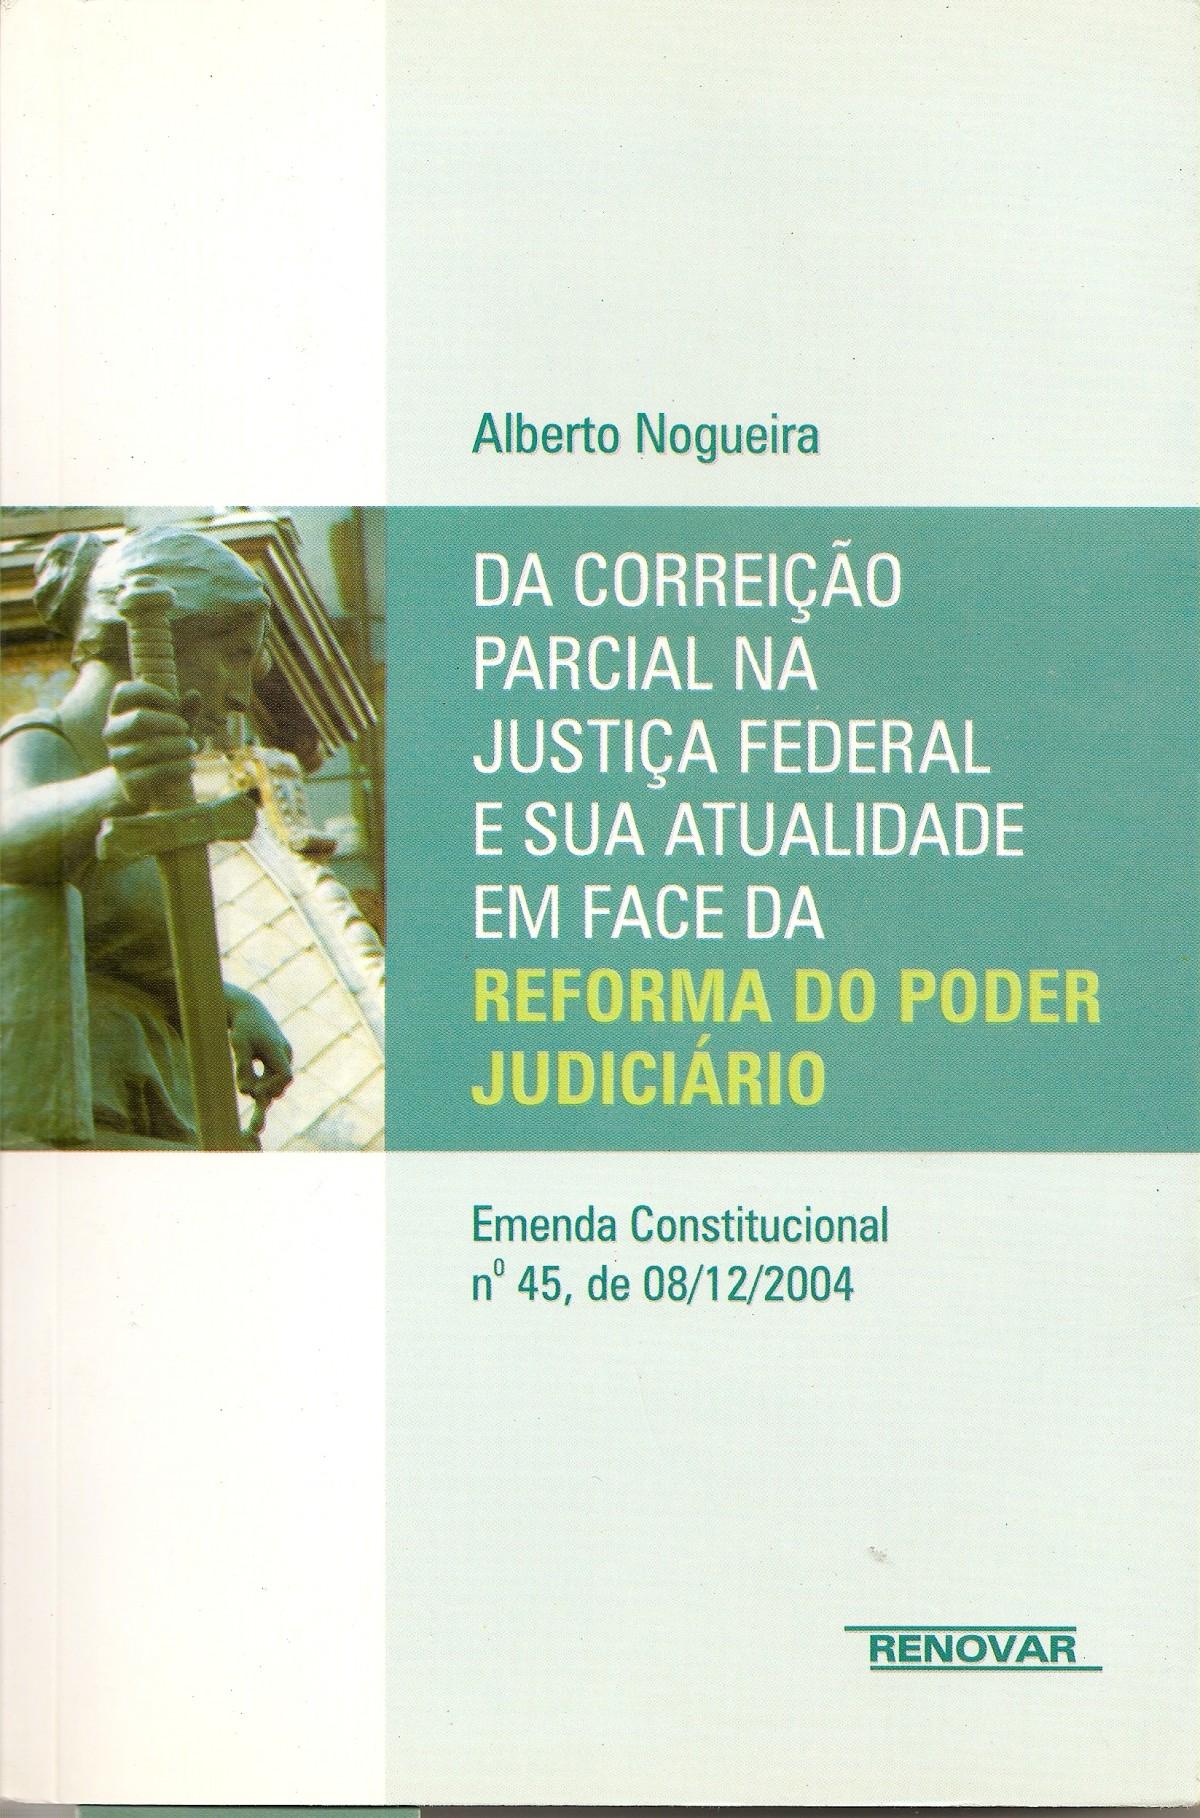 Foto 1 - Da Correição Parcial na Justiça Federal e Sua Atualidade em Face da Reforma do Poder Judiciário - Em